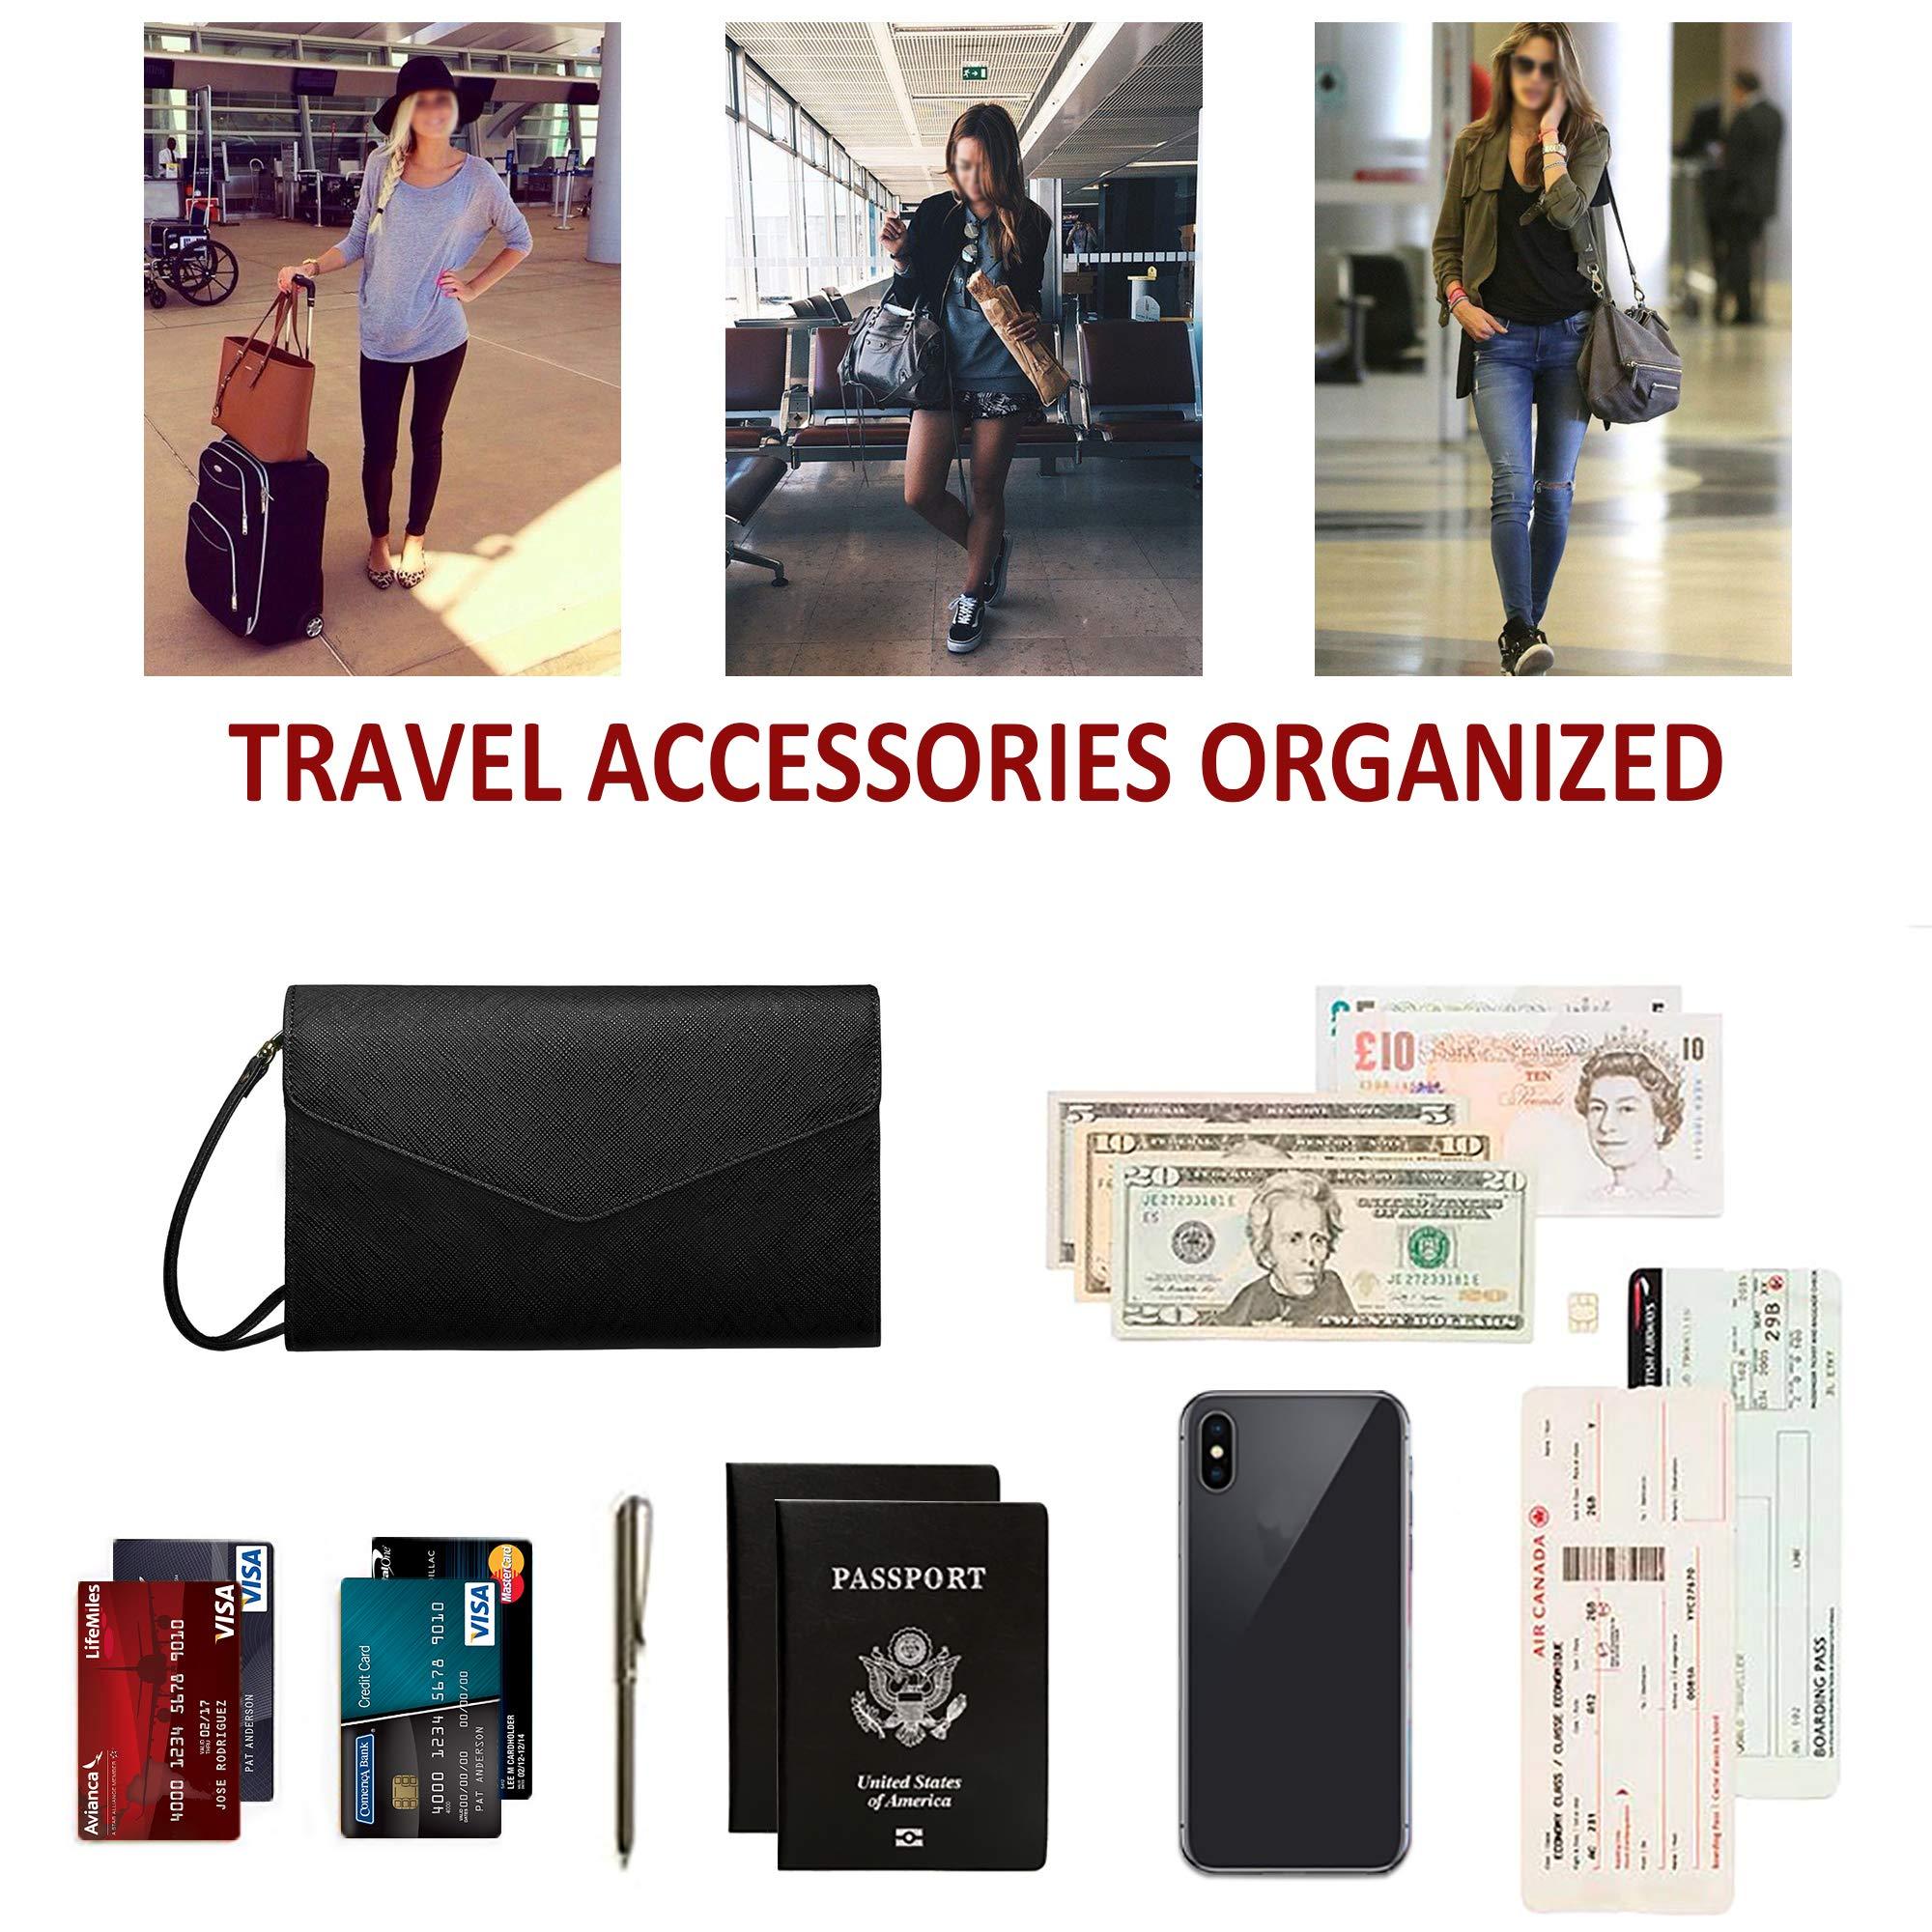 Krosslon Travel Passport Wallet for Women Rfid Wristlet Slim Family Document Holder, 1# Black by KROSSLON (Image #6)